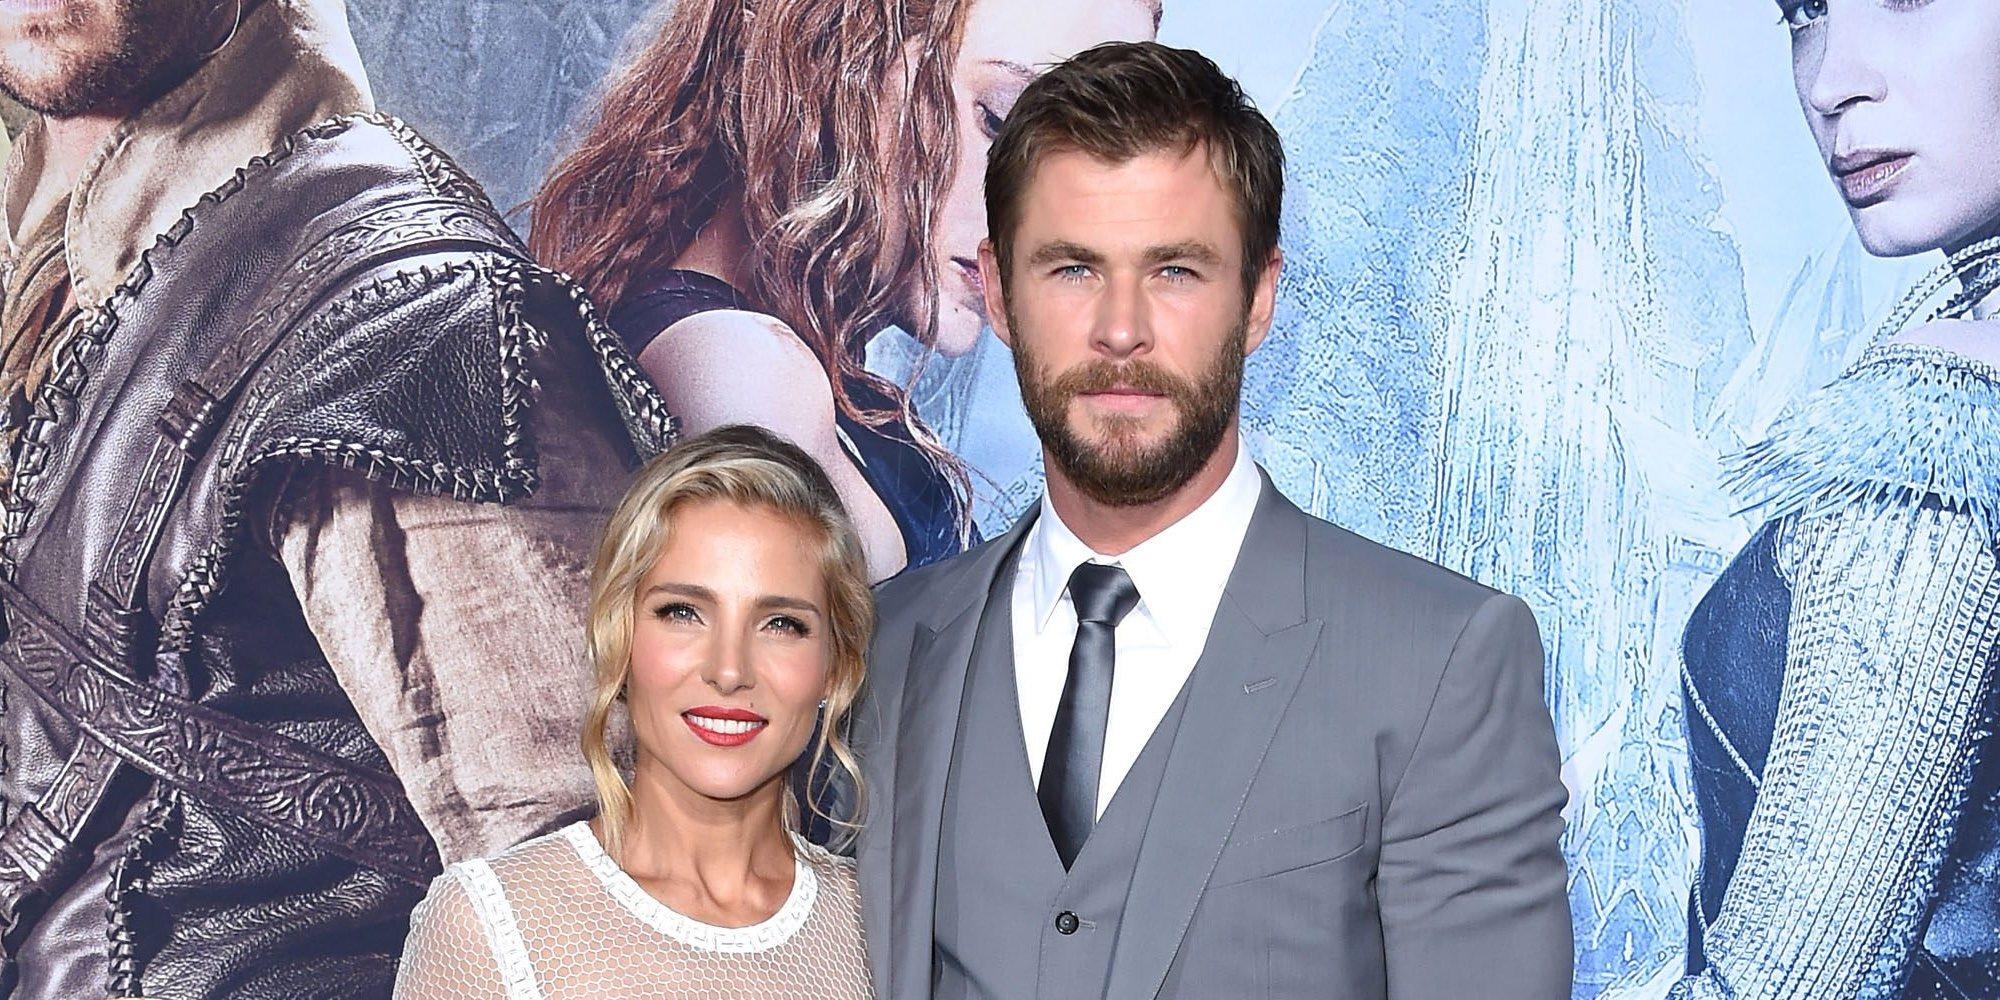 Rumores de crisis entre Chris Hemsworth y Elsa Pataky a pesar de su última declaración de amor